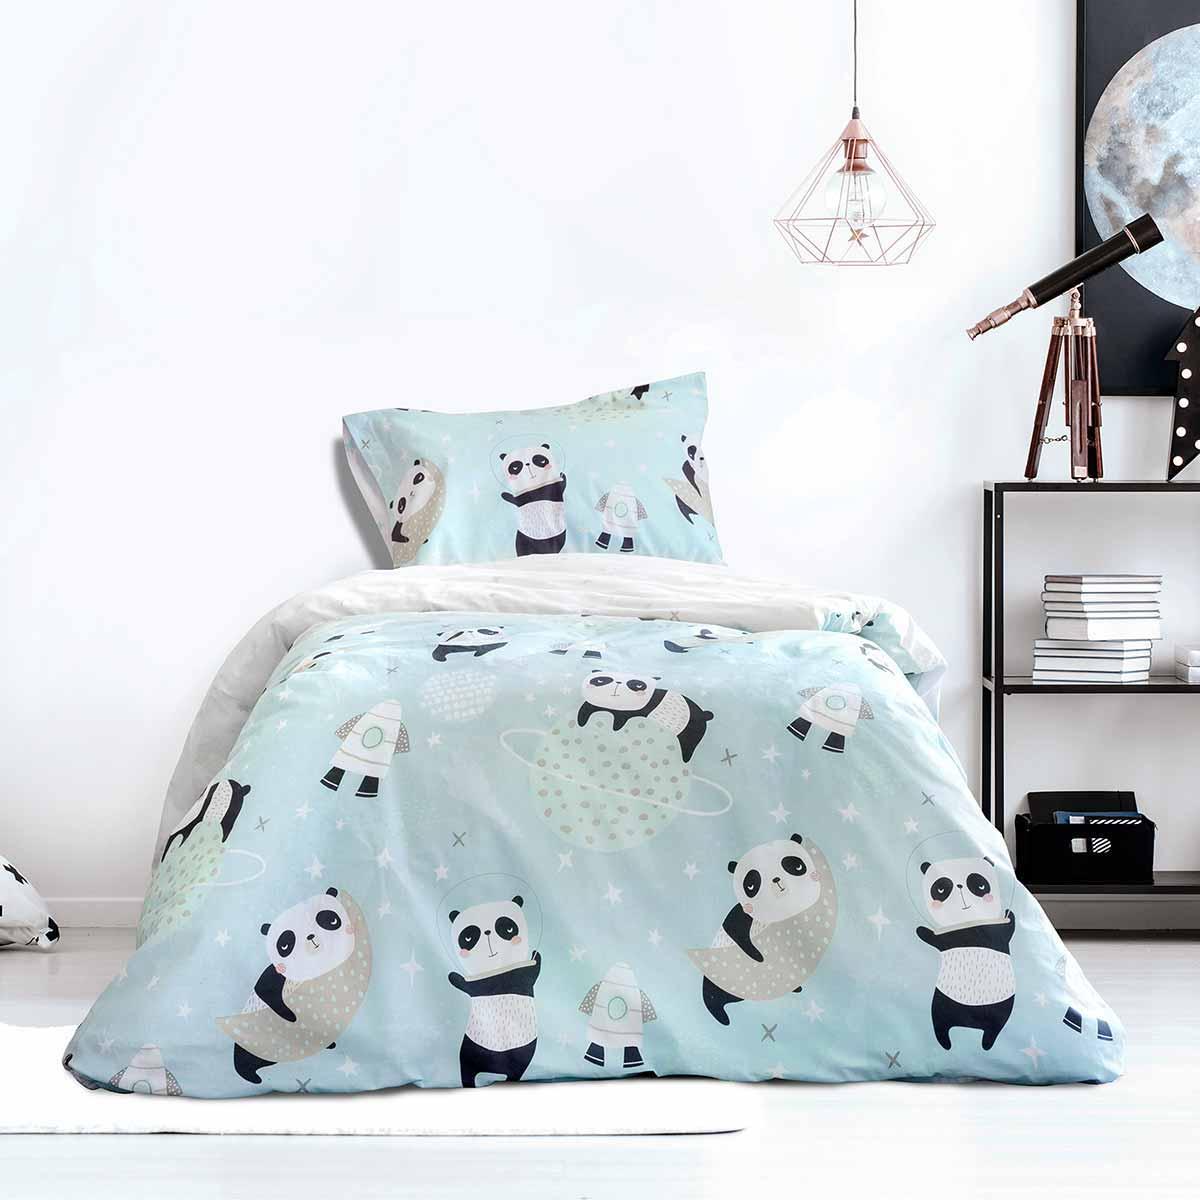 Κουβερλί Μονό Kocoon Space Panda